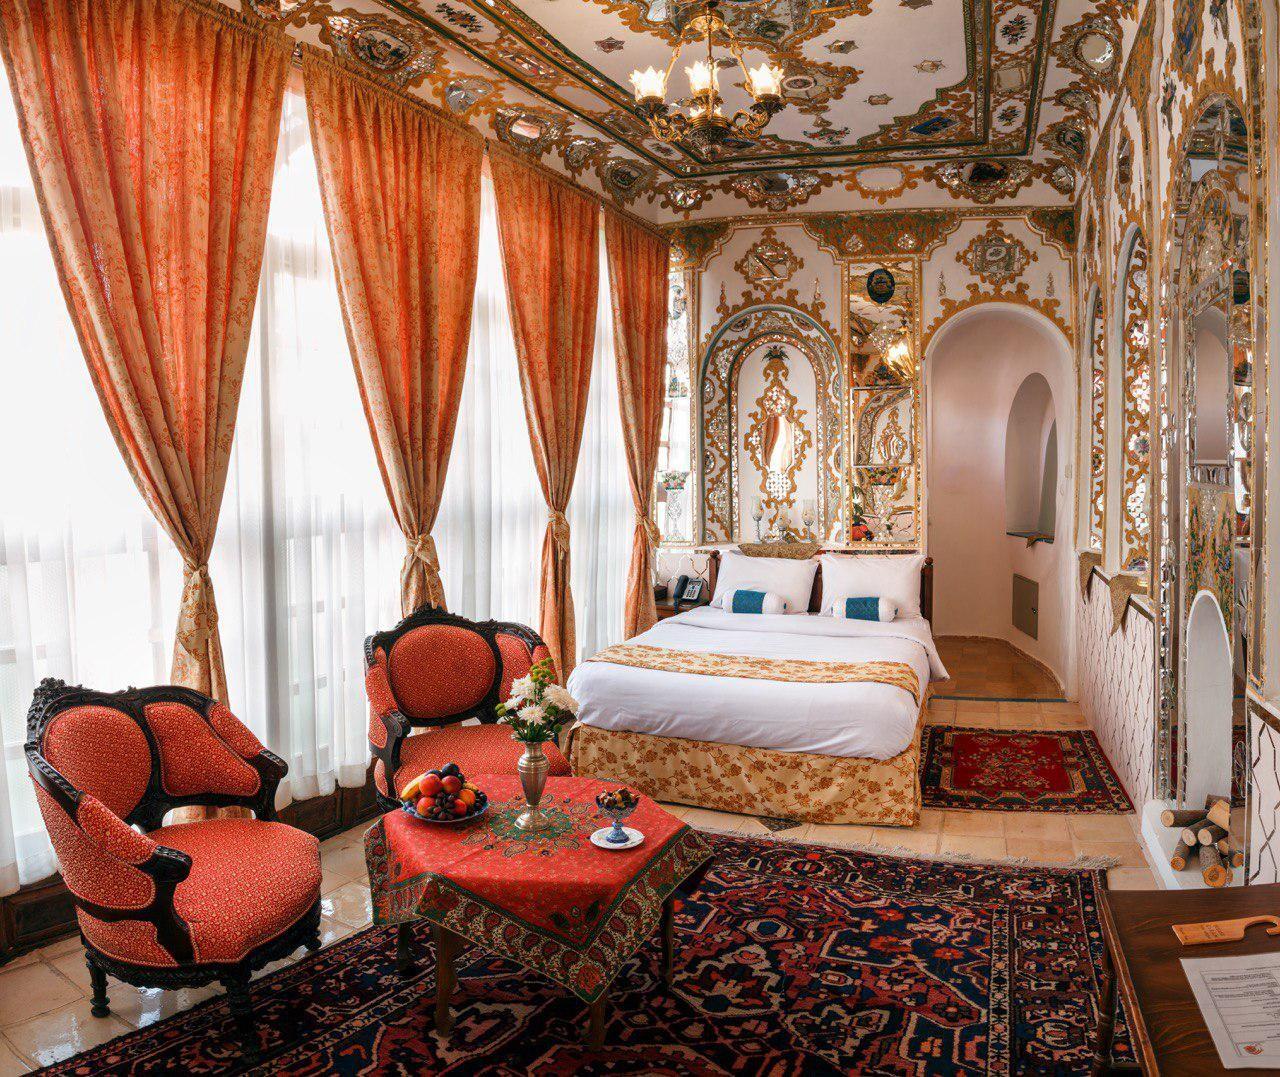 با انواع و معروفترین بوتیک هتلهای ایران و جهان آشنا شوید